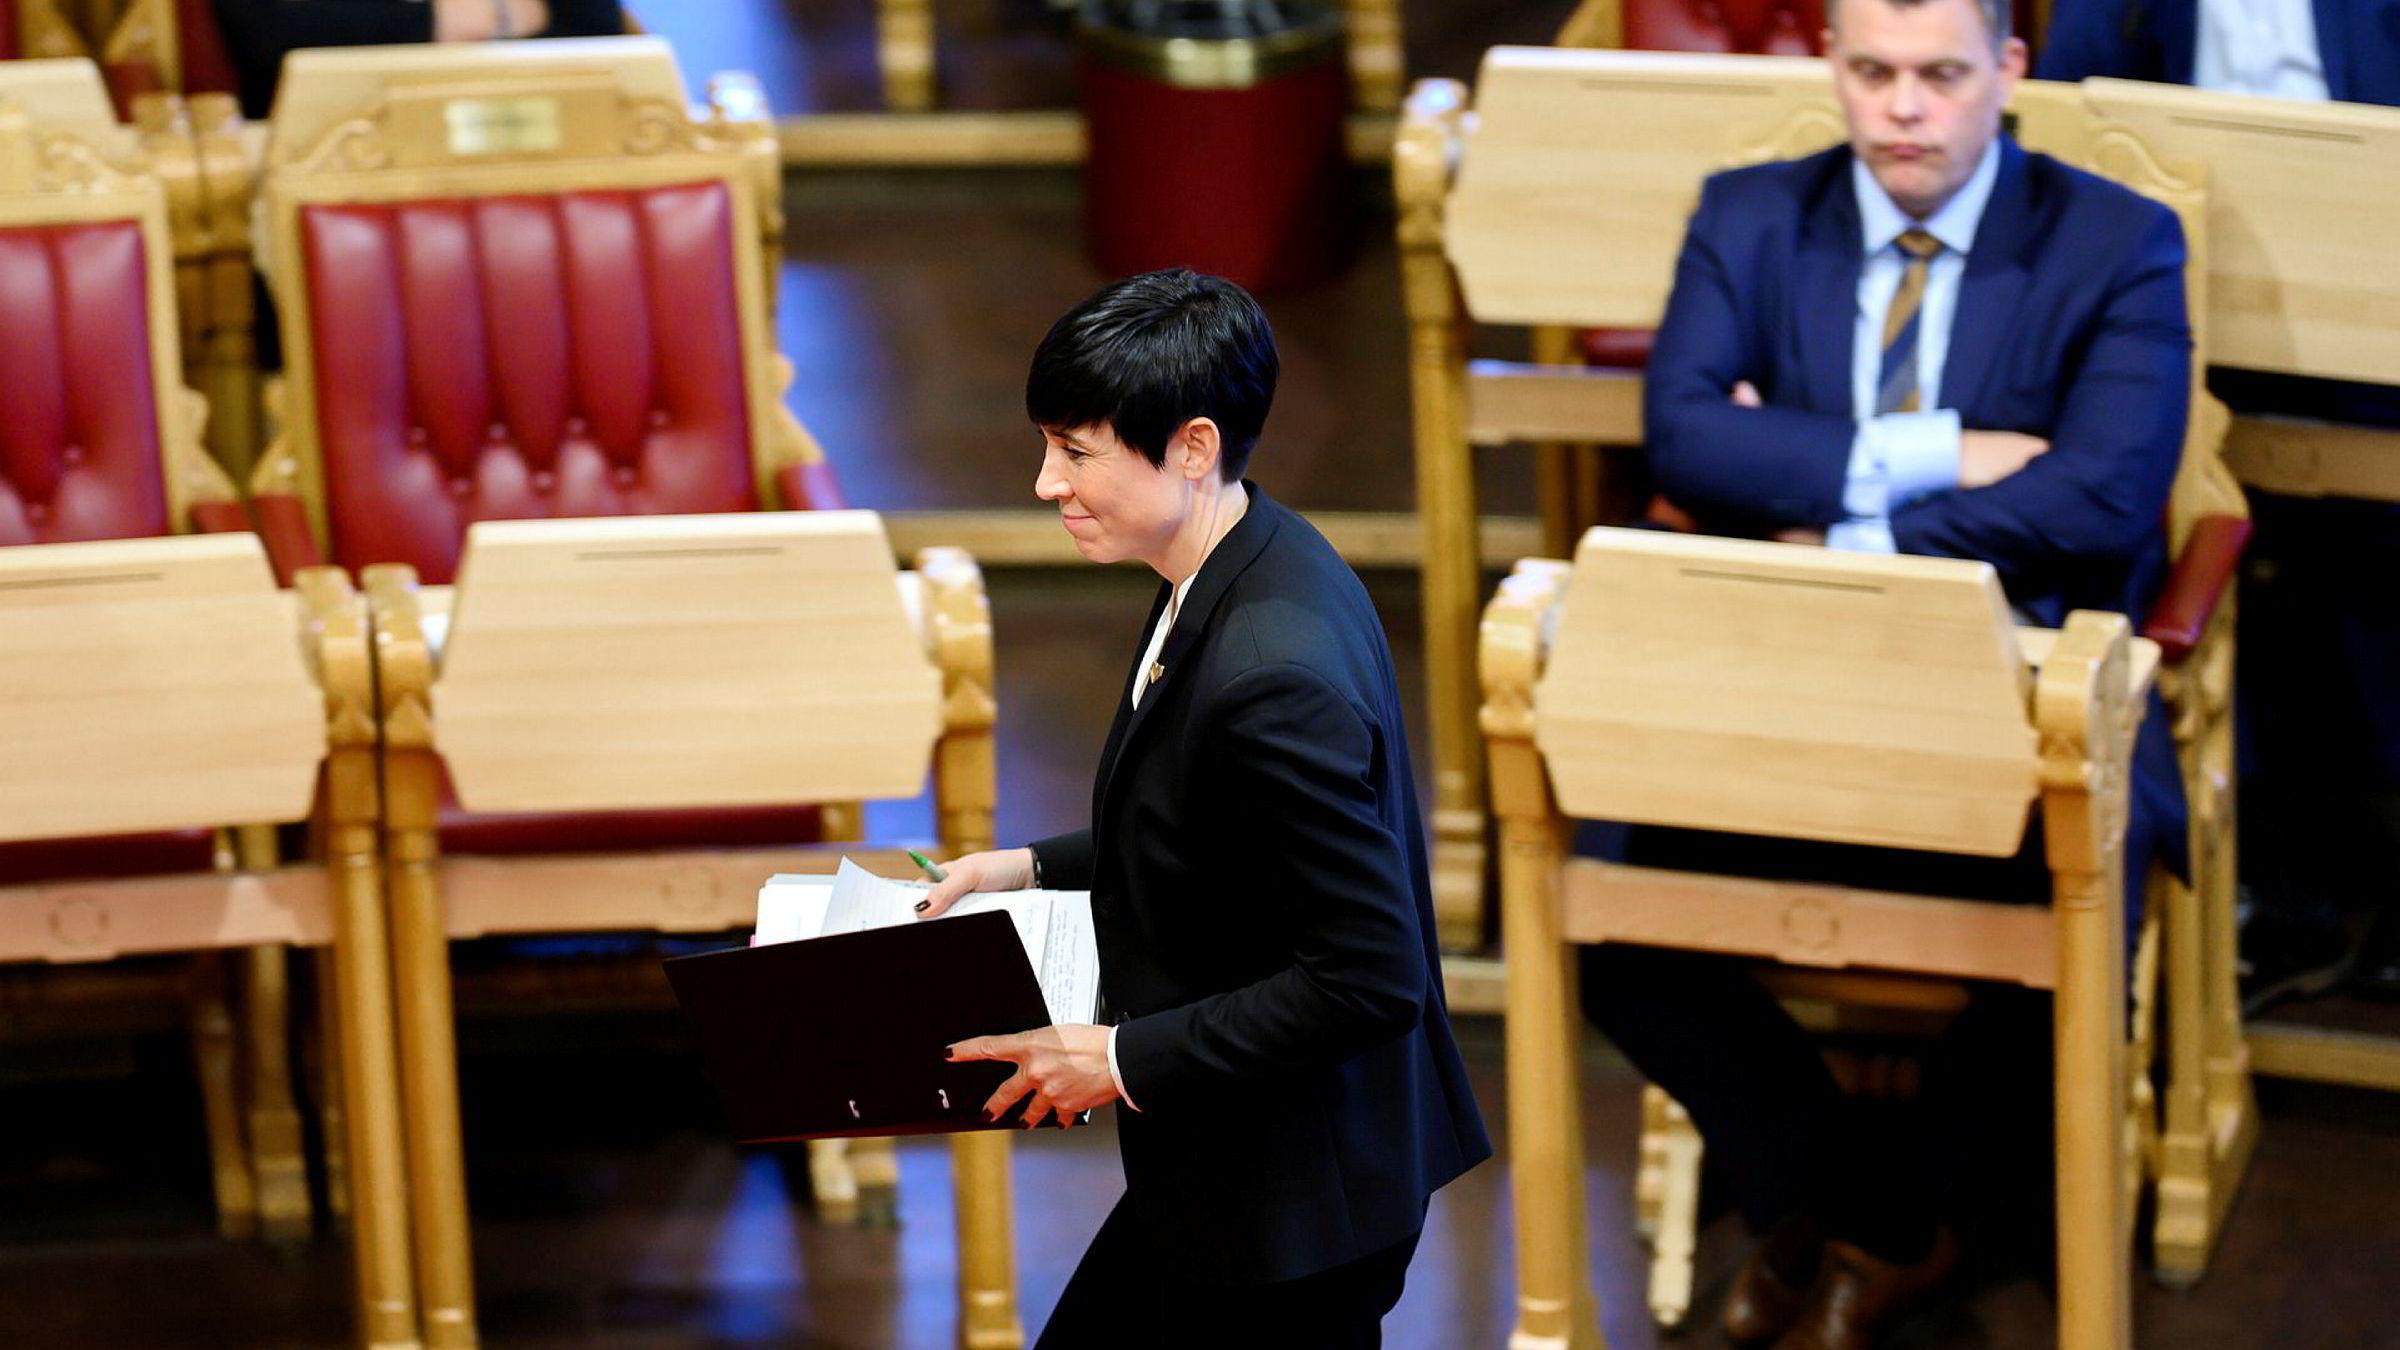 Utenriksminister Ine Eriksen Søreide fikk spørsmål om tempo da hun møtte i spontanspørretimen. Til høyre sitter justisminister Jøran Kallmyr, som snart har hatt jobben i hele syv måneder.